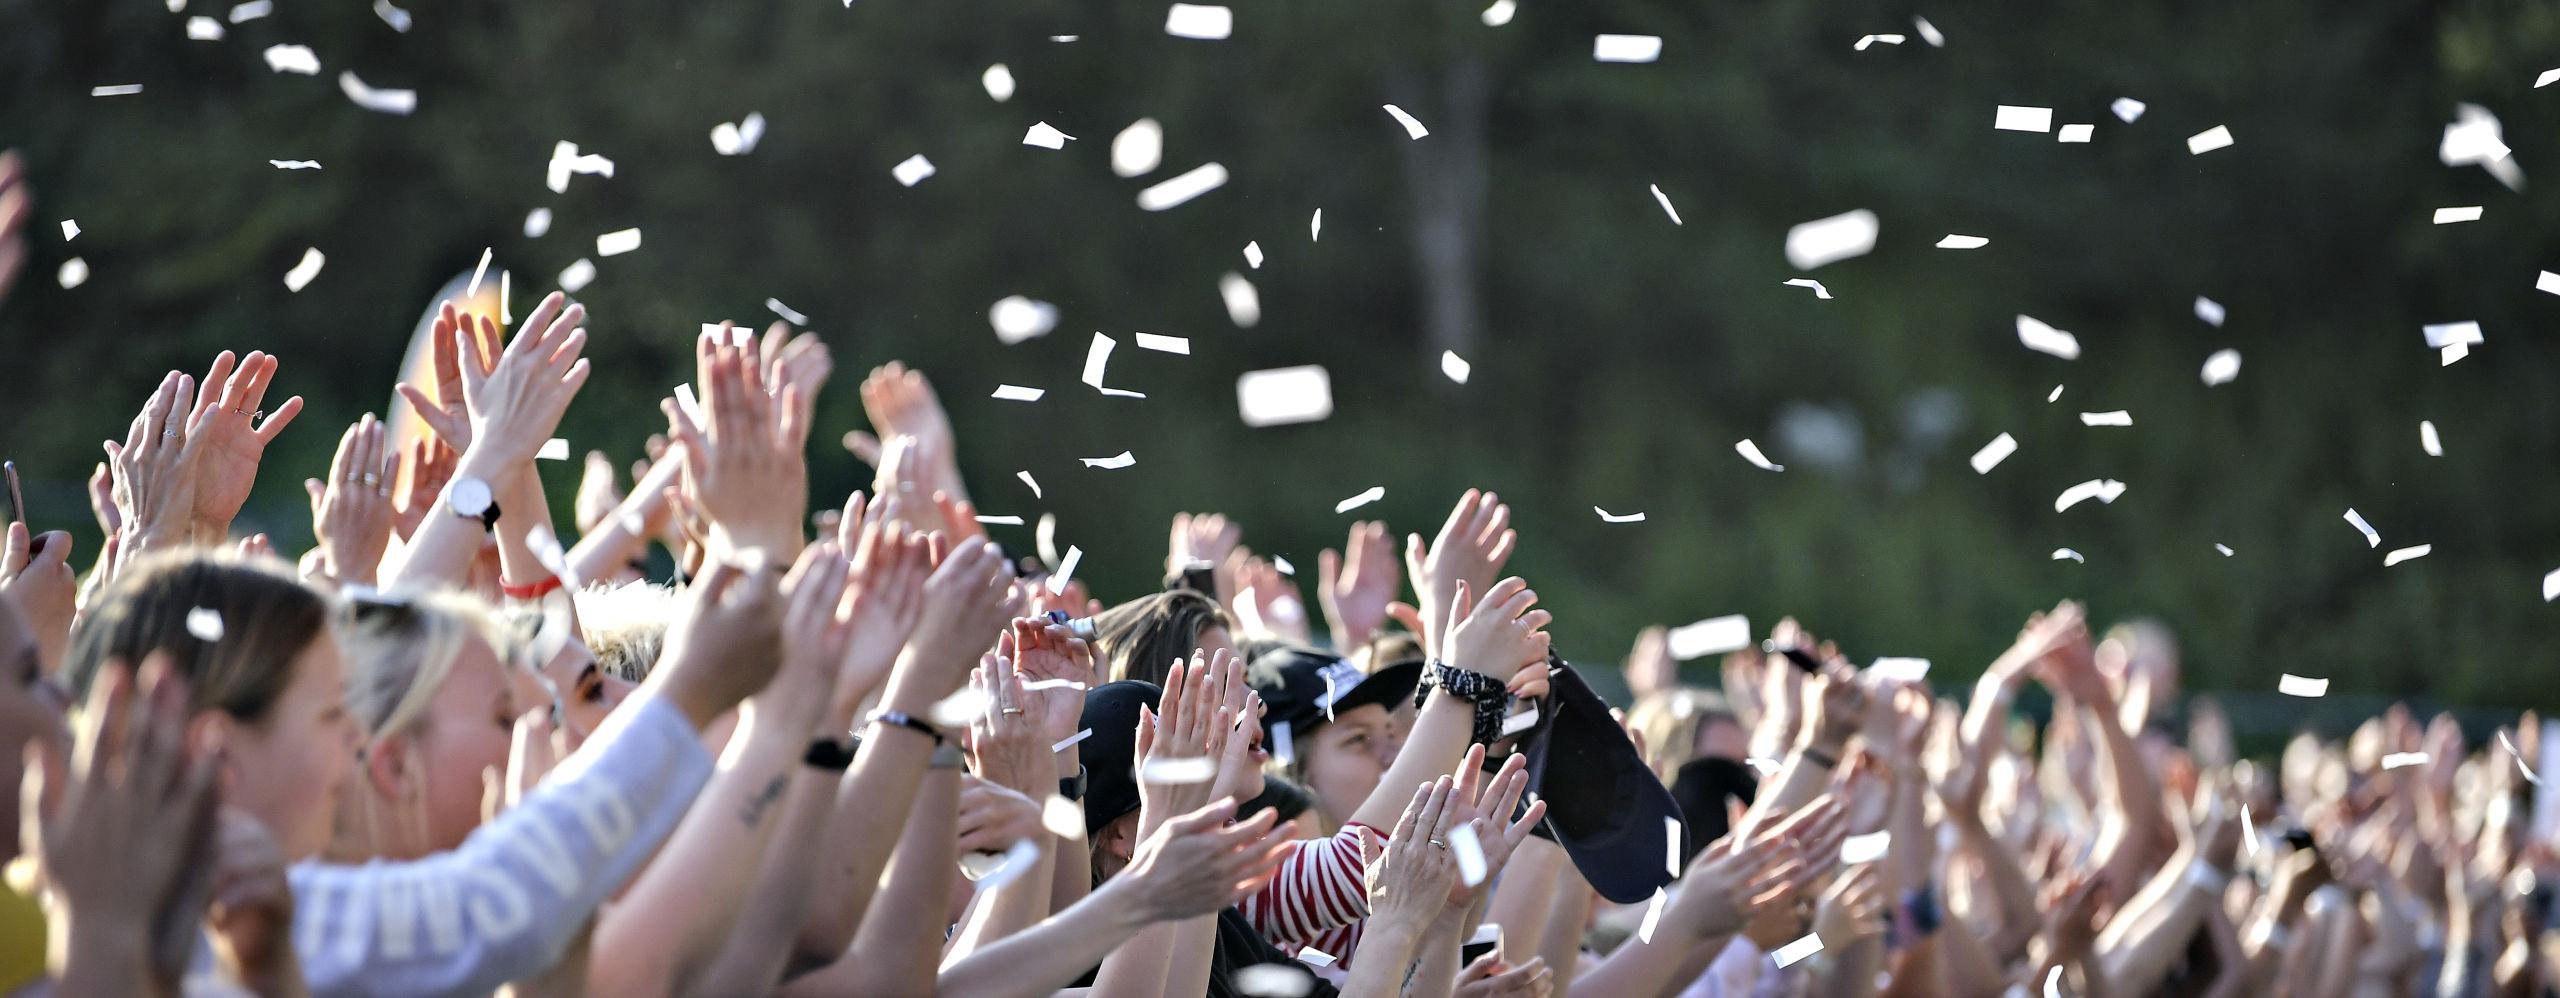 Maroon 5 vil næppe nøjes med konfetti-kanoner ved koncerten i Mølleparken. I hvert fald ønsker de en scene, der er større, end hvad man umiddelbart kan få i Danmark. Arkivfoto: Bent Bach